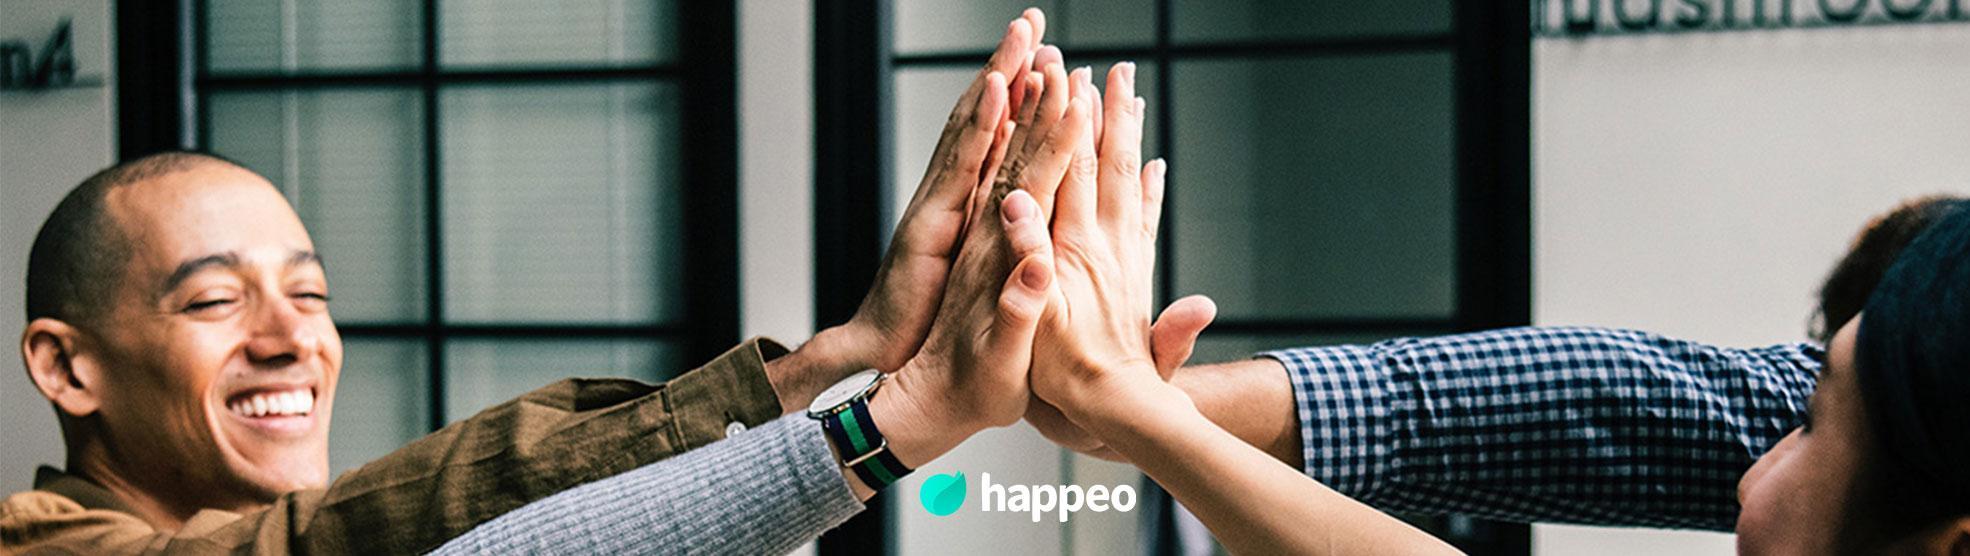 Bewertungen Happeo: Ihr einheitlicher digitaler Arbeitsplatz - appvizer